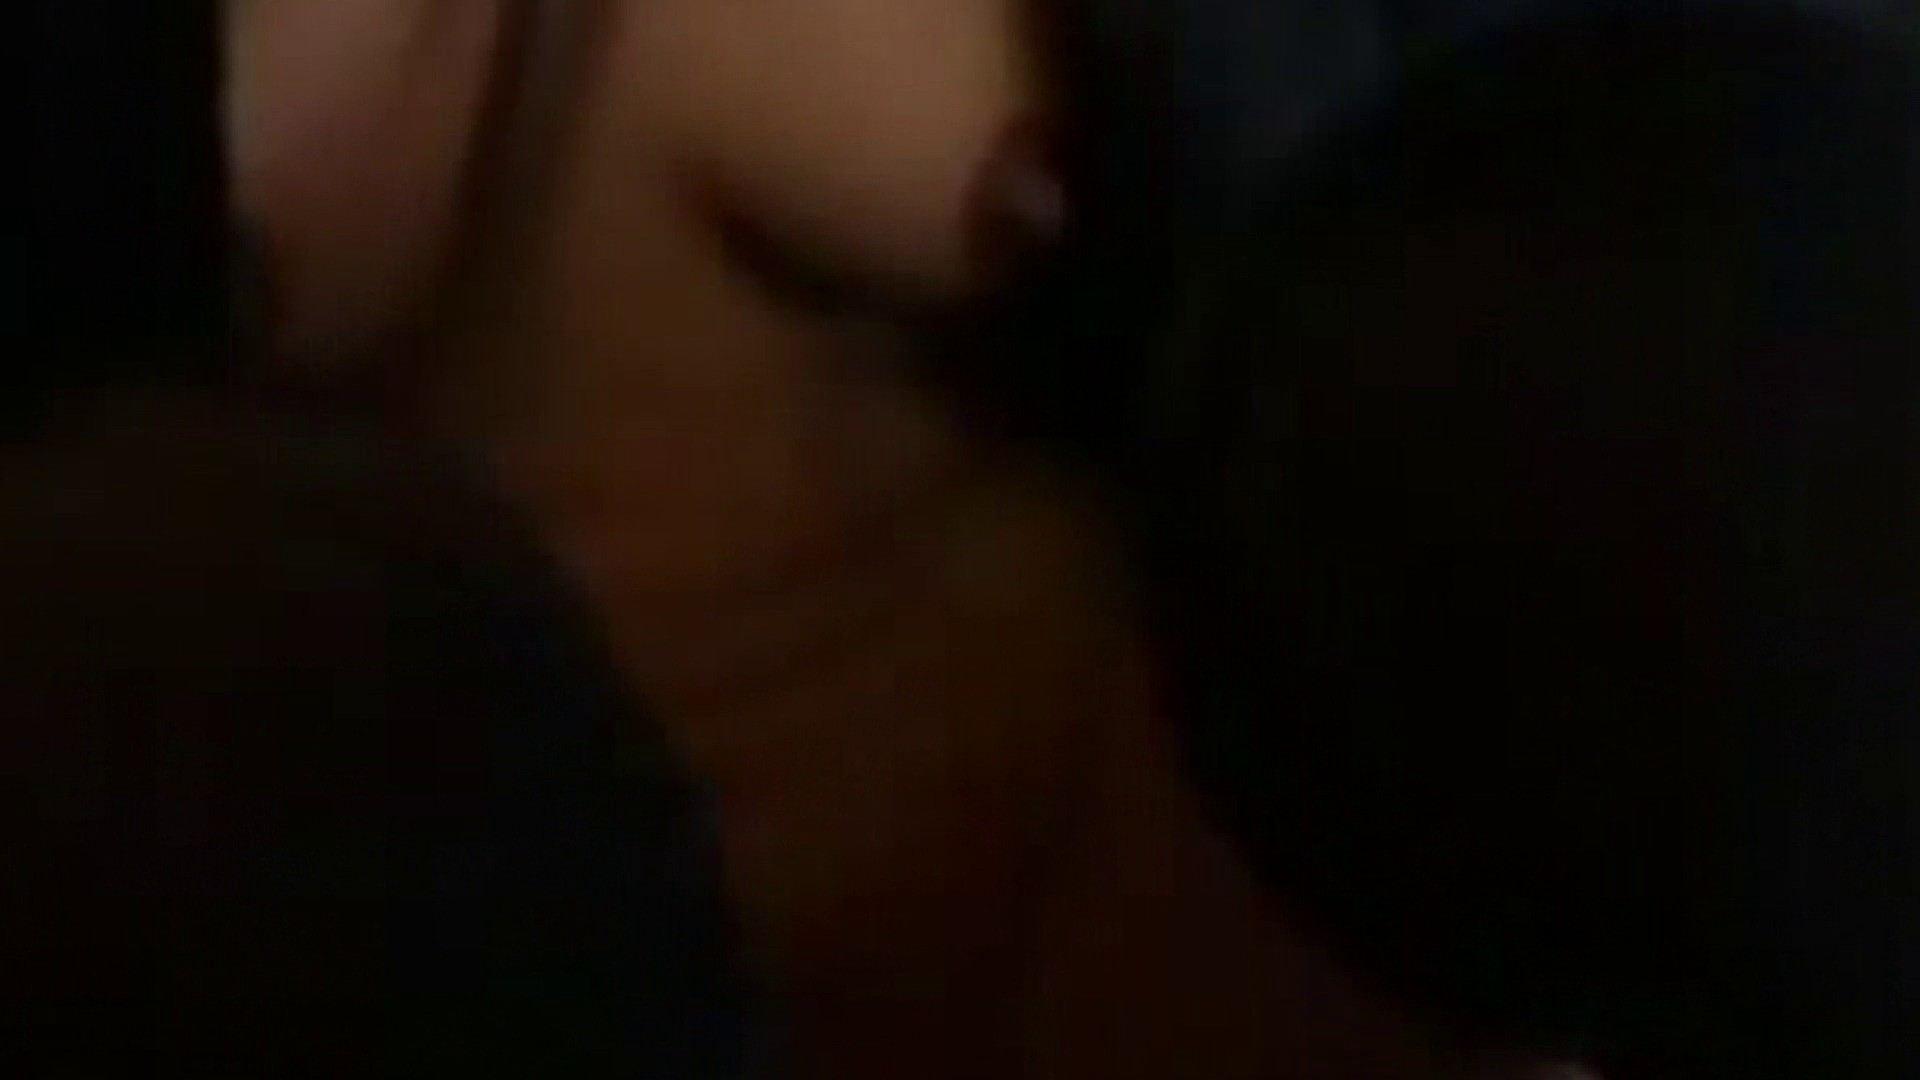 変態オナニー劇場 Vol.17 0 | OL  112画像 8